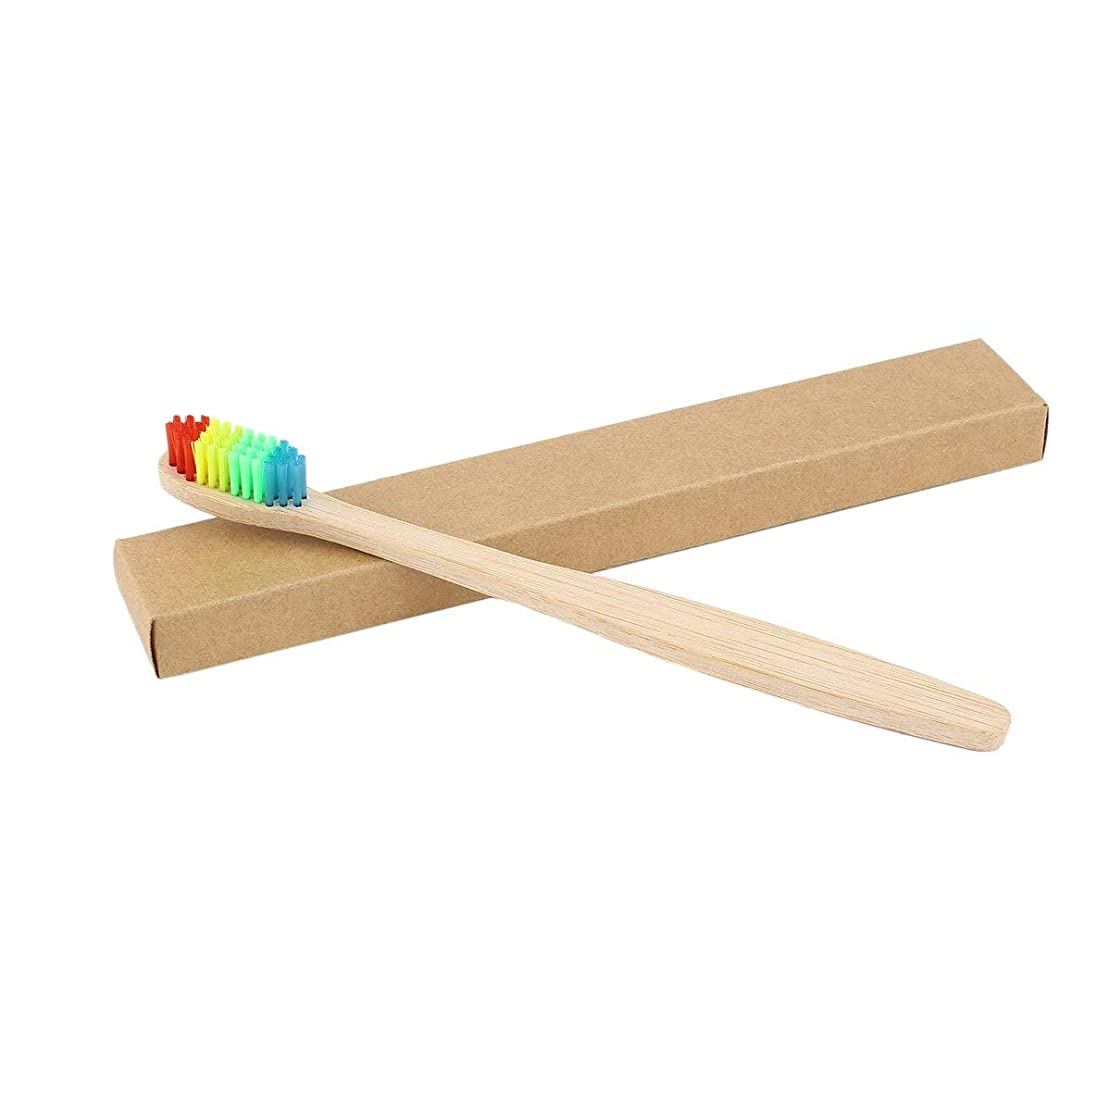 教育アライアンス分カラフルな髪+竹のハンドル歯ブラシ環境木製の虹竹の歯ブラシオーラルケアソフト剛毛ユニセックス - ウッドカラー+カラフル